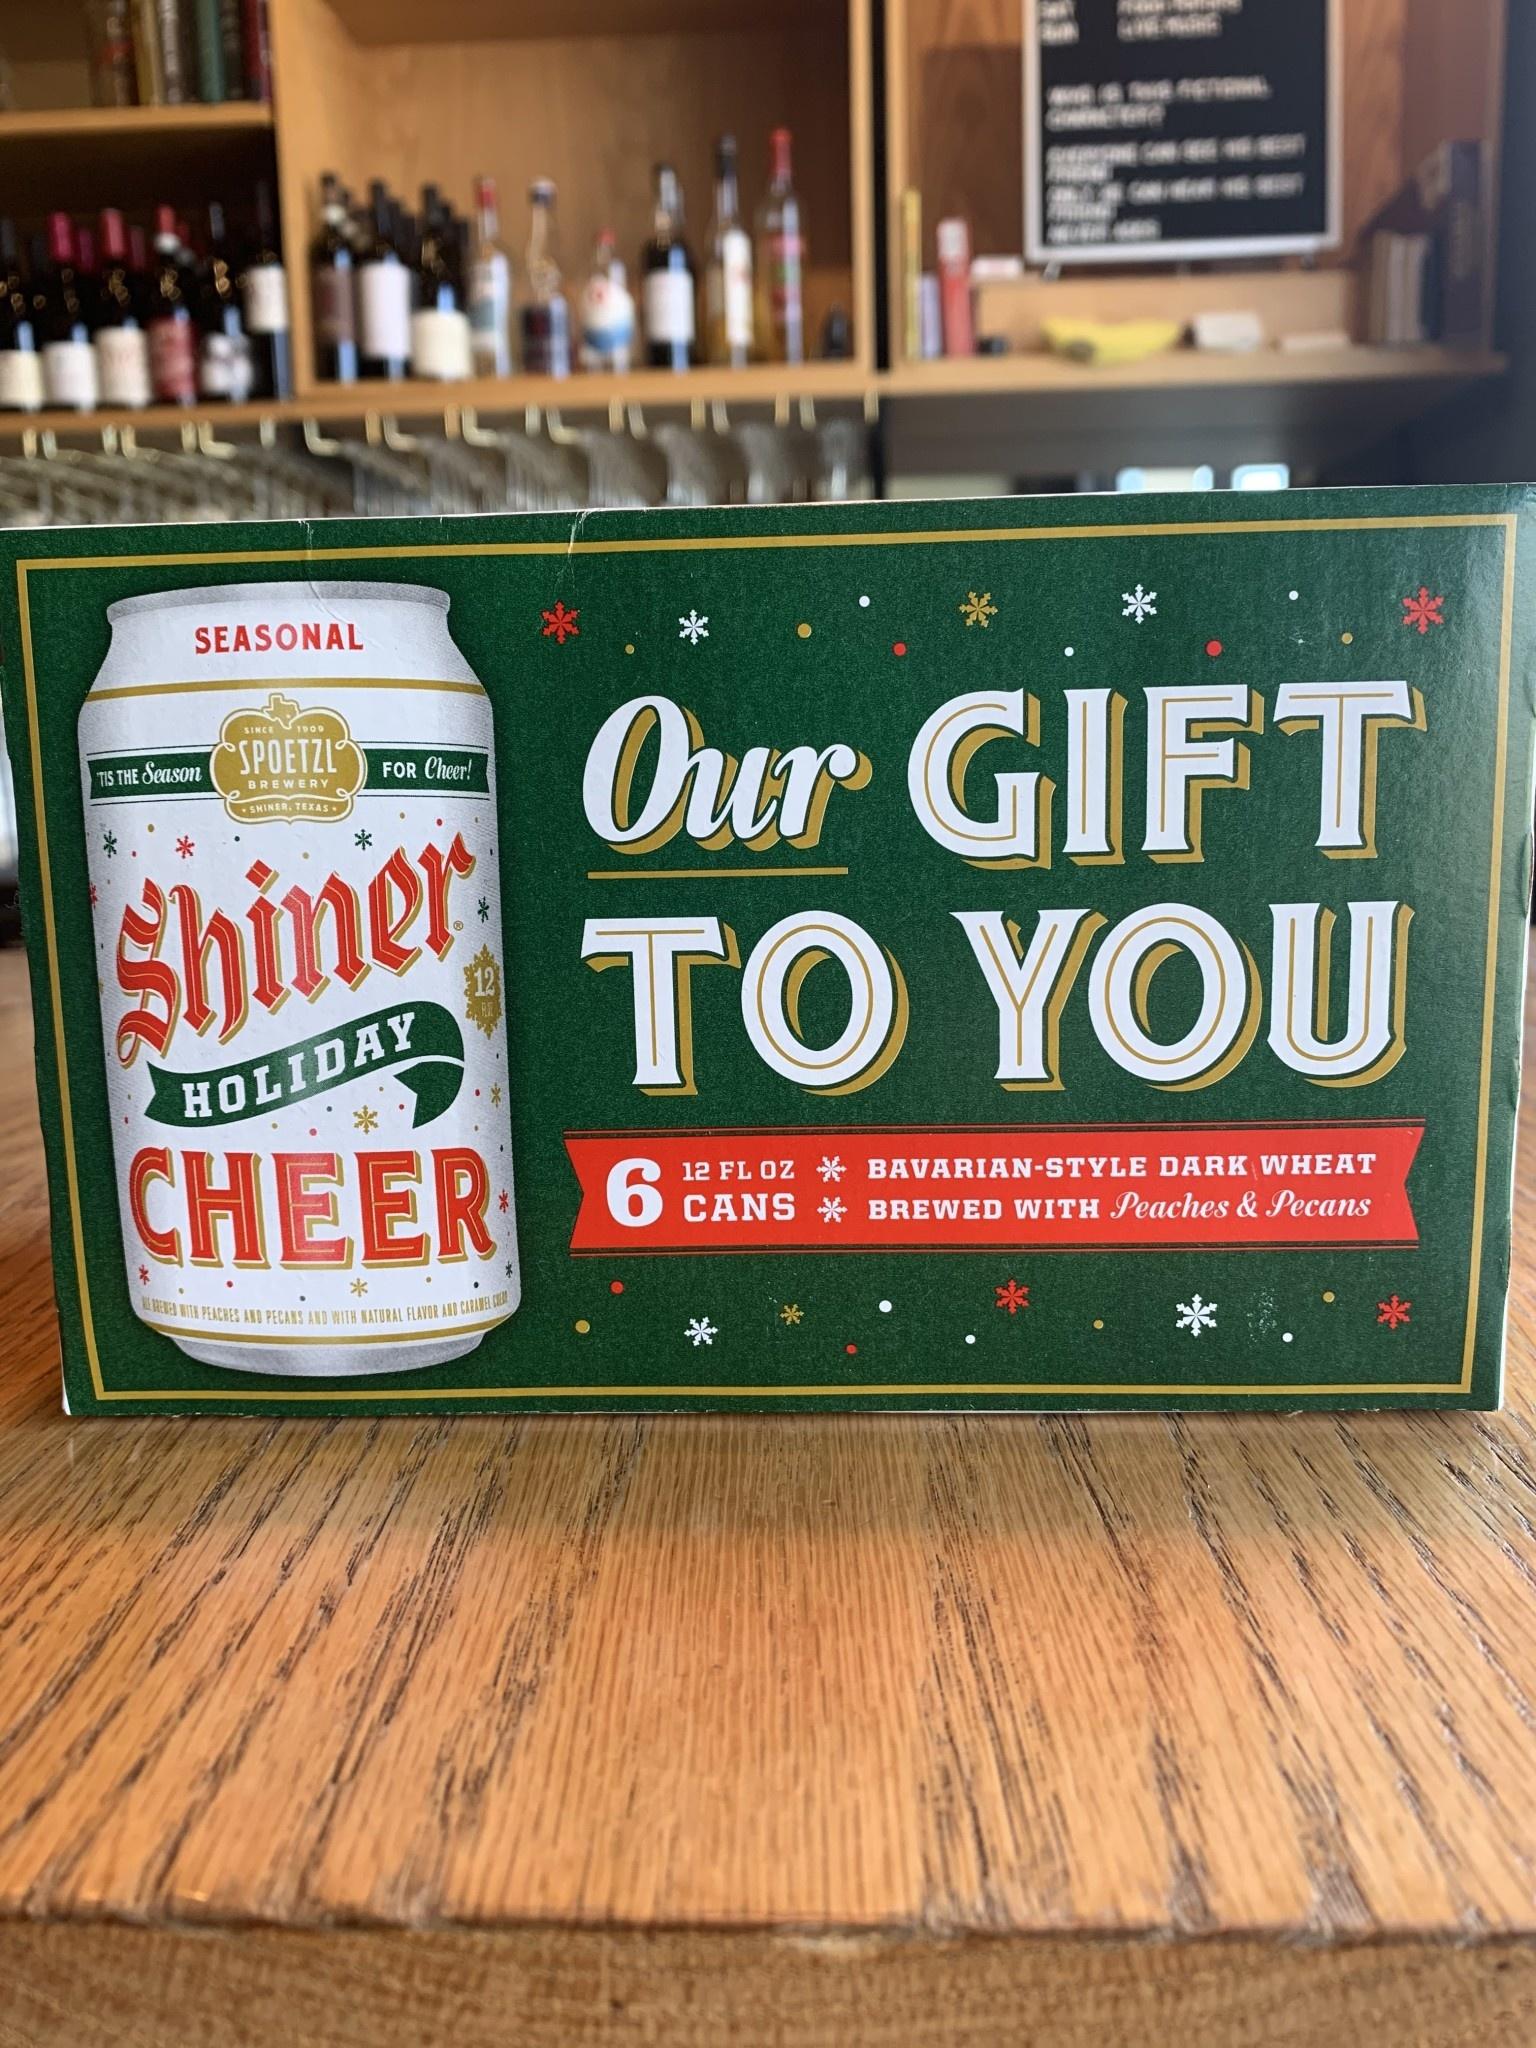 Shiner Shiner Holiday Cheer 12oz 6pk